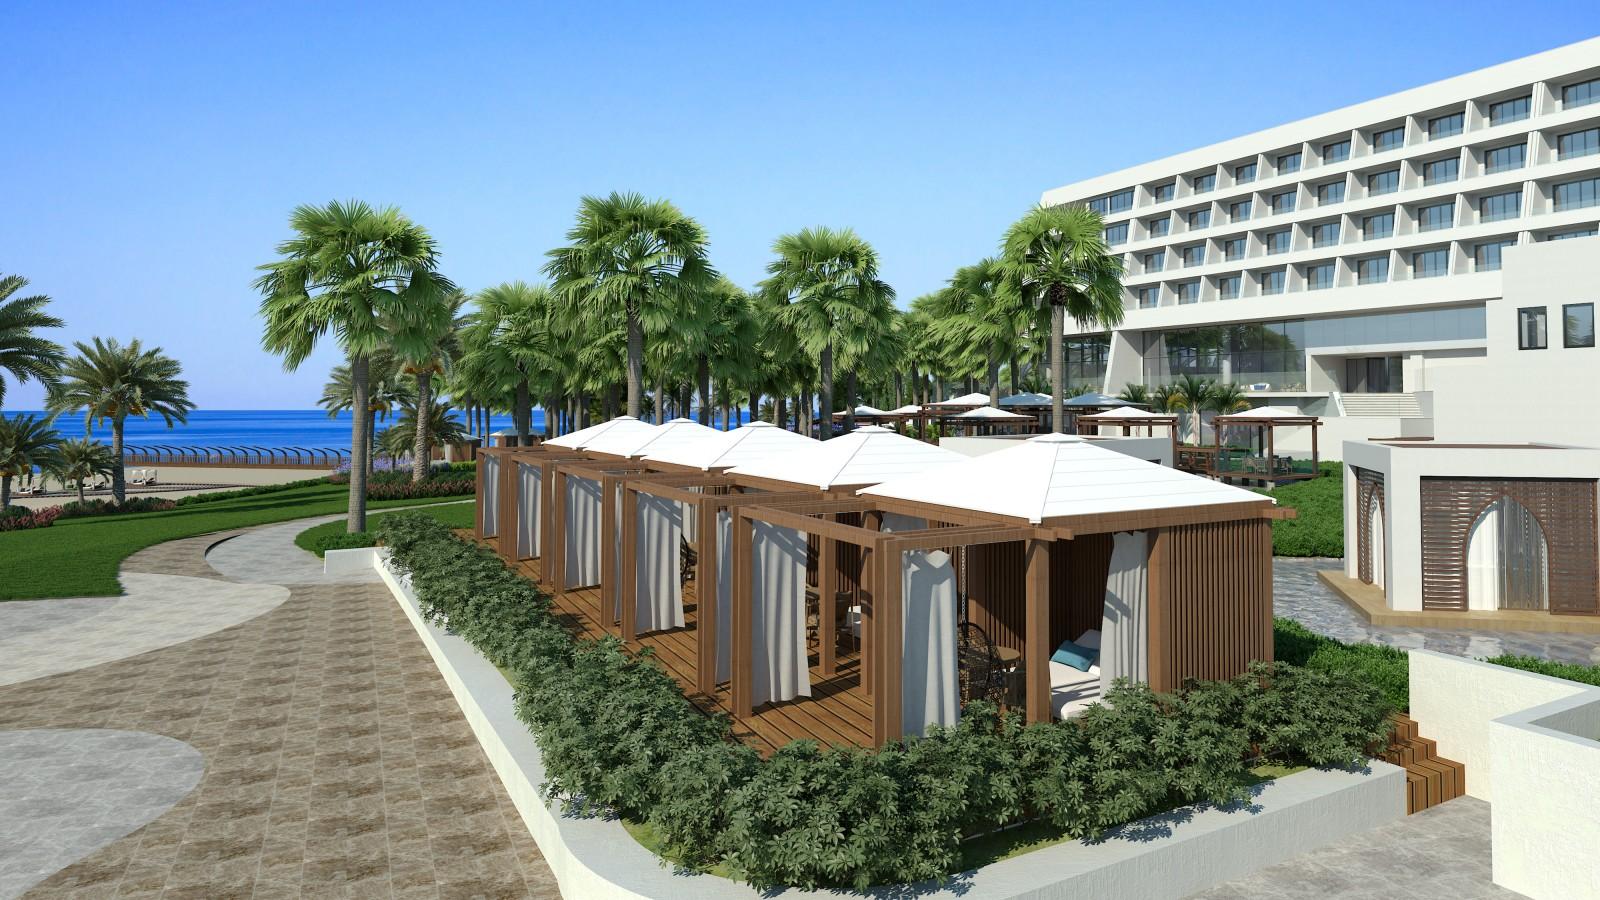 Parklane Cabanas